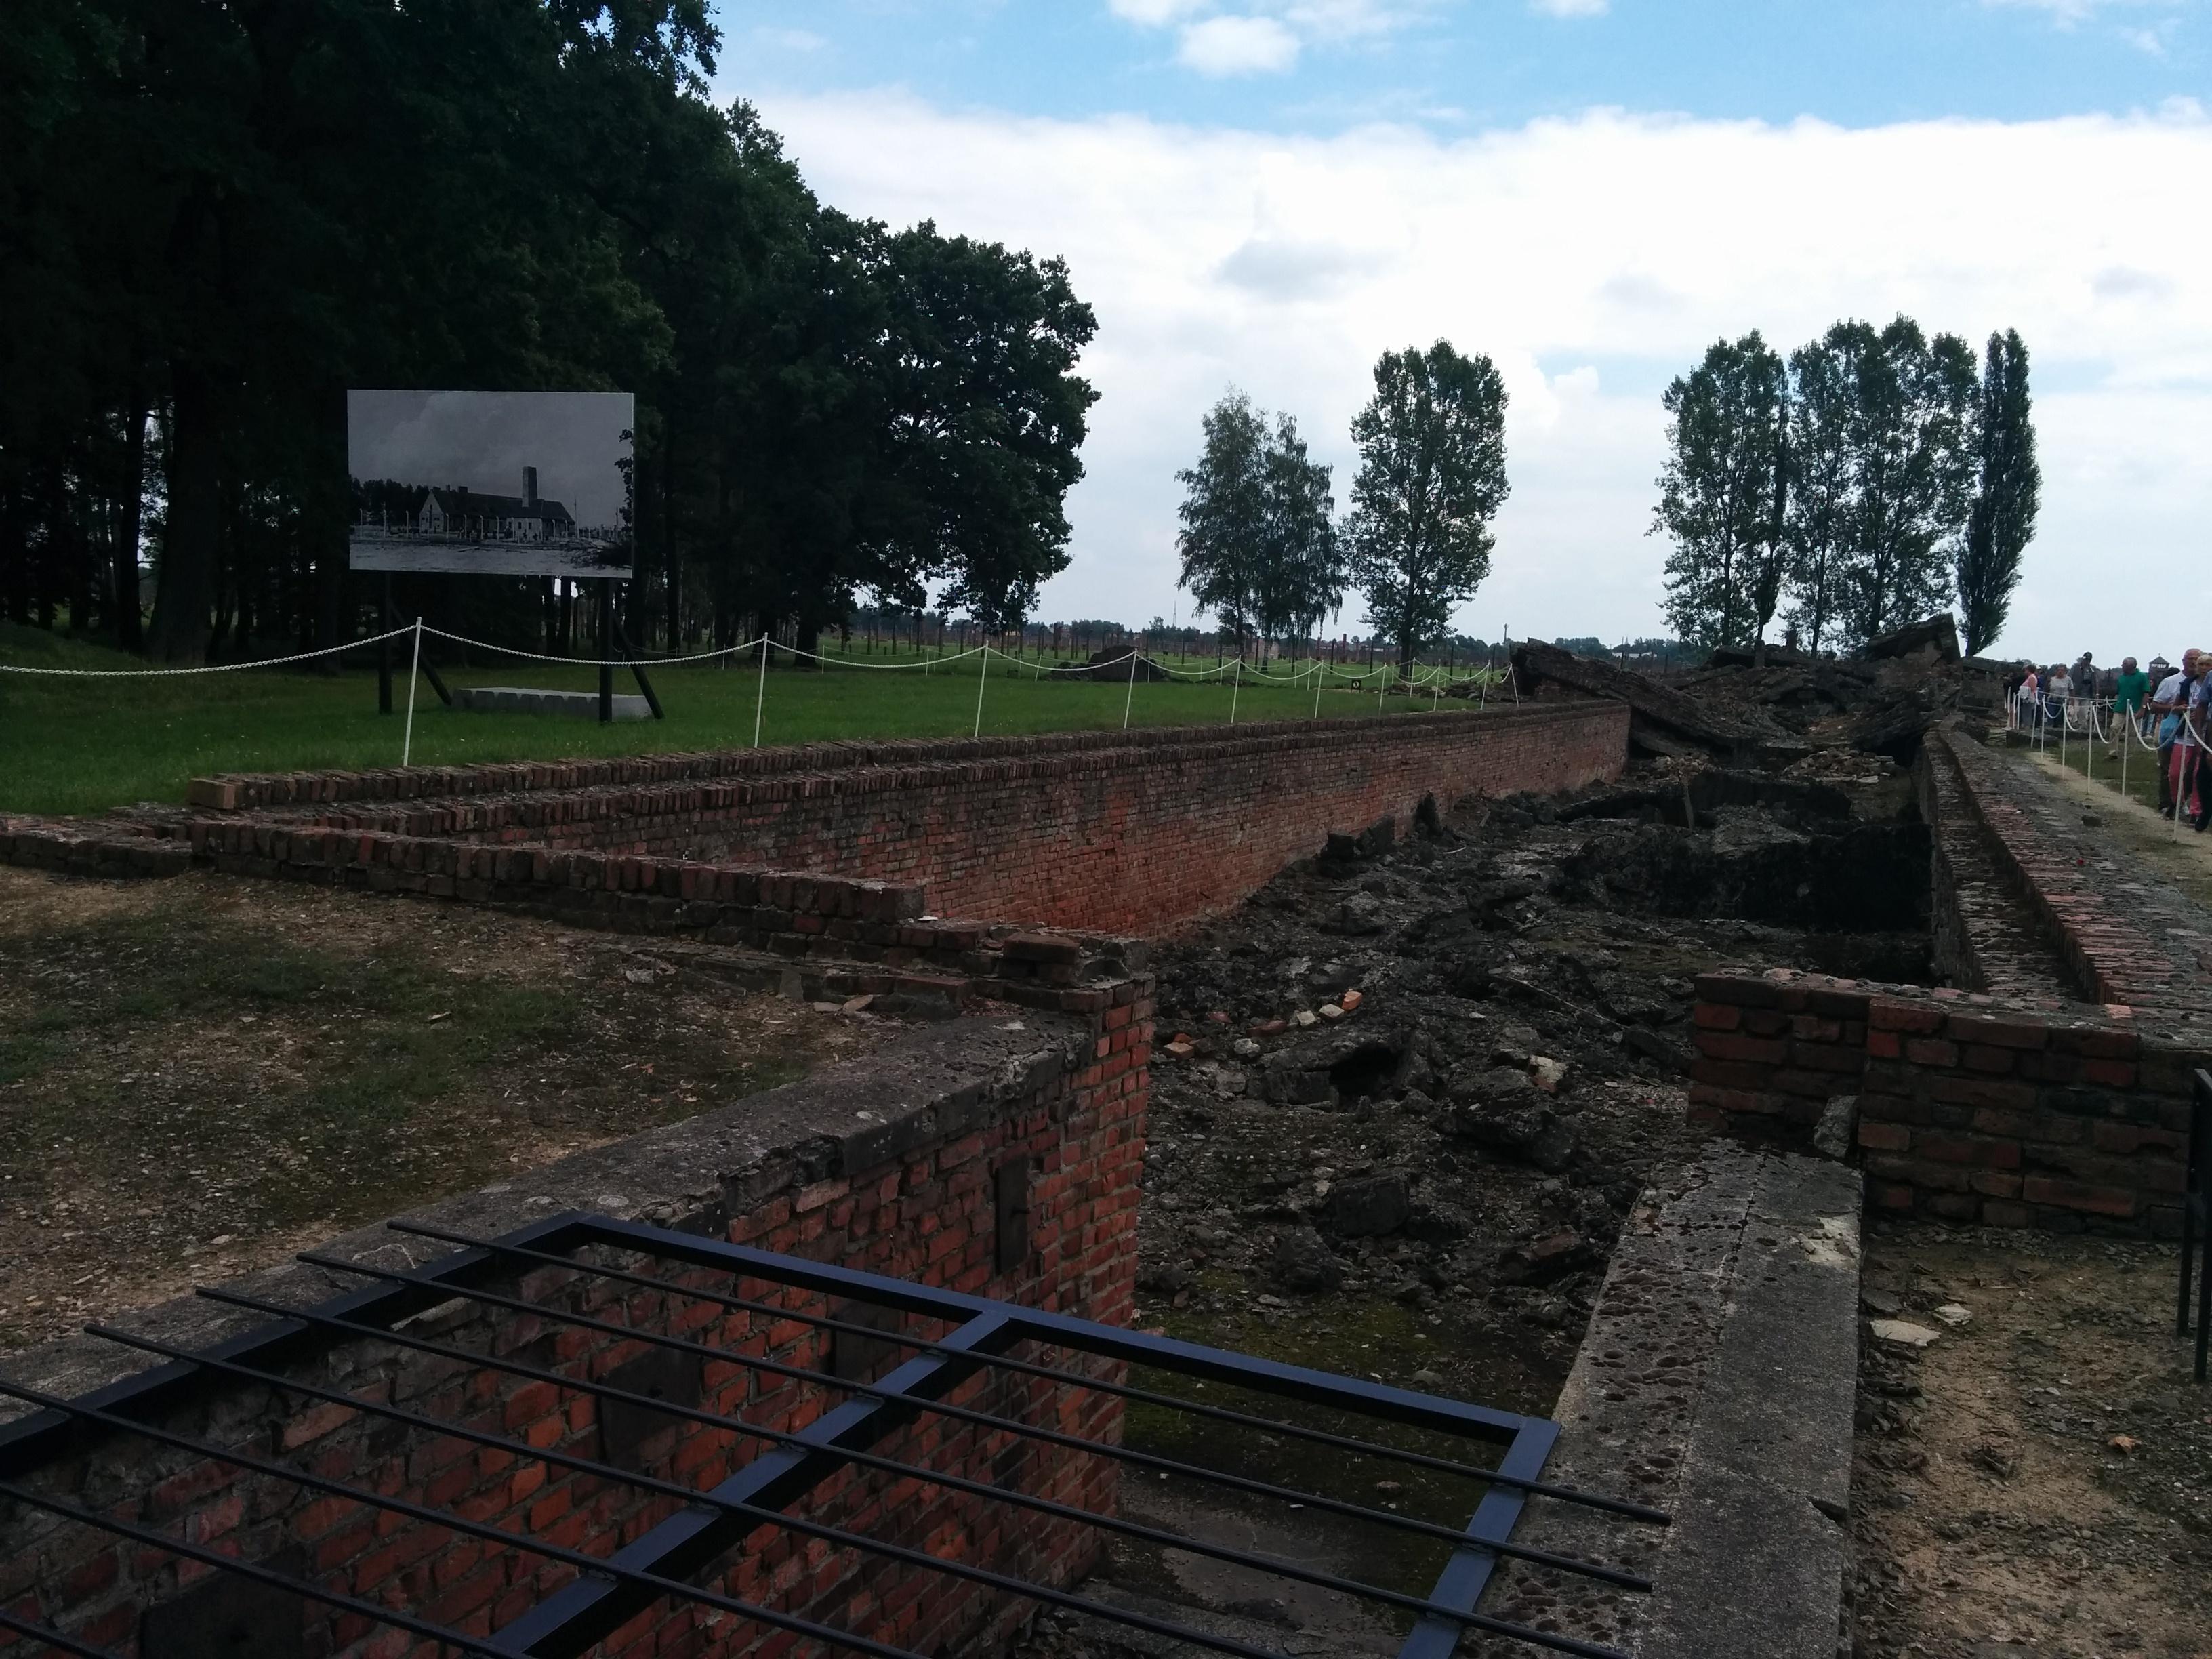 Auschwitz: gaskammarruin